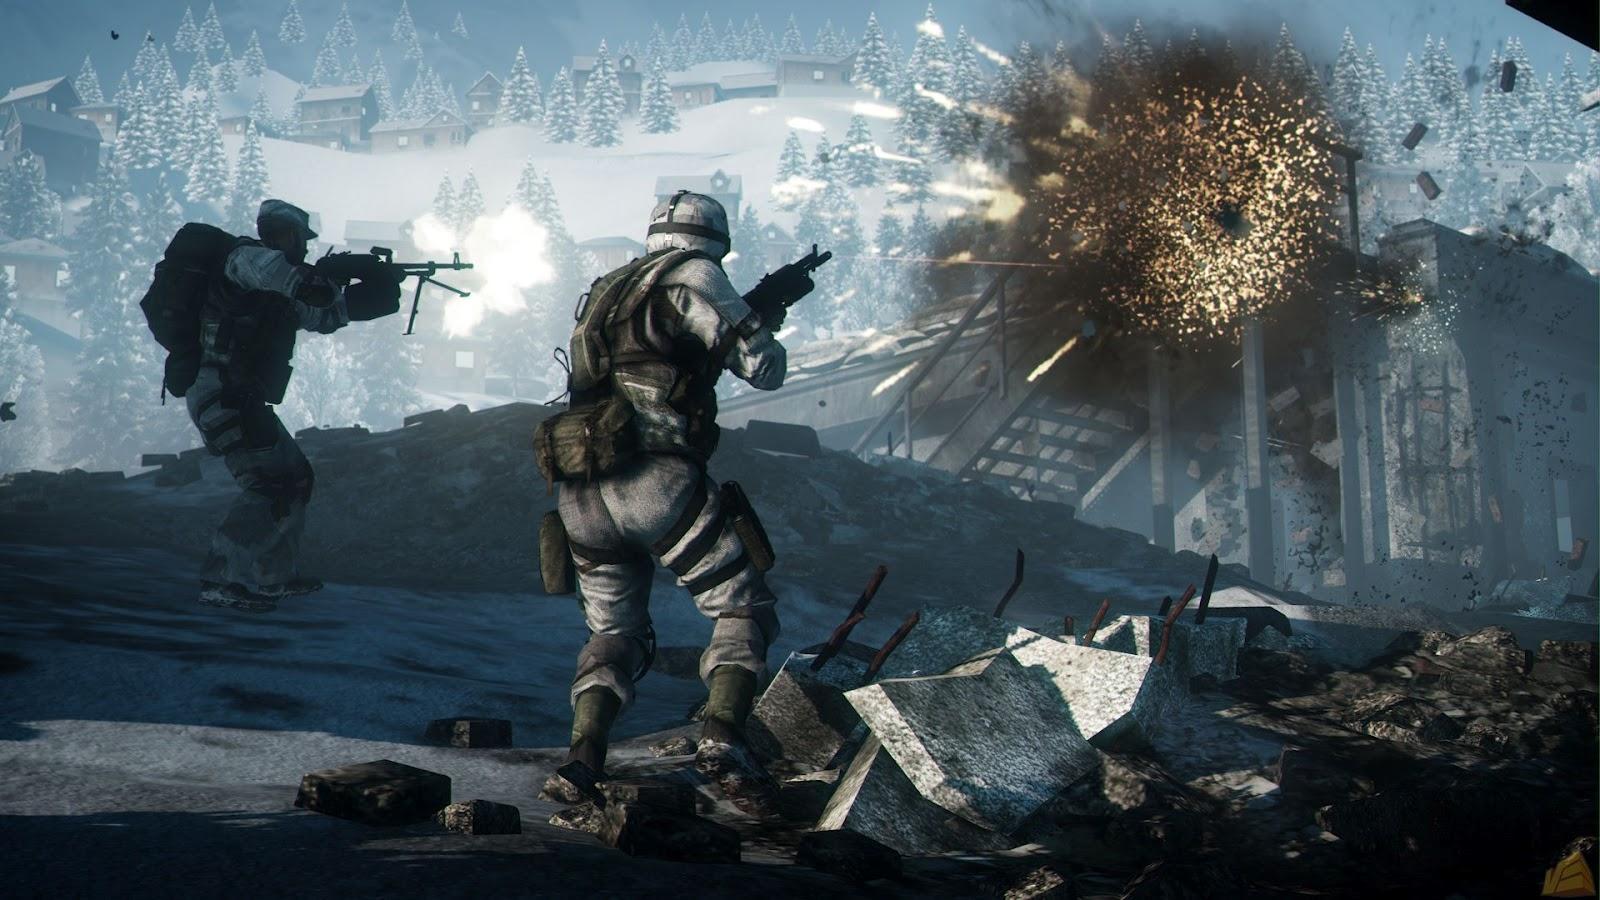 http://4.bp.blogspot.com/-d3AzOnsELyc/UBVIZRT7ICI/AAAAAAAAE2w/GE_8zlvWo3Y/s1600/battlefield-bad-company-2-02.jpg